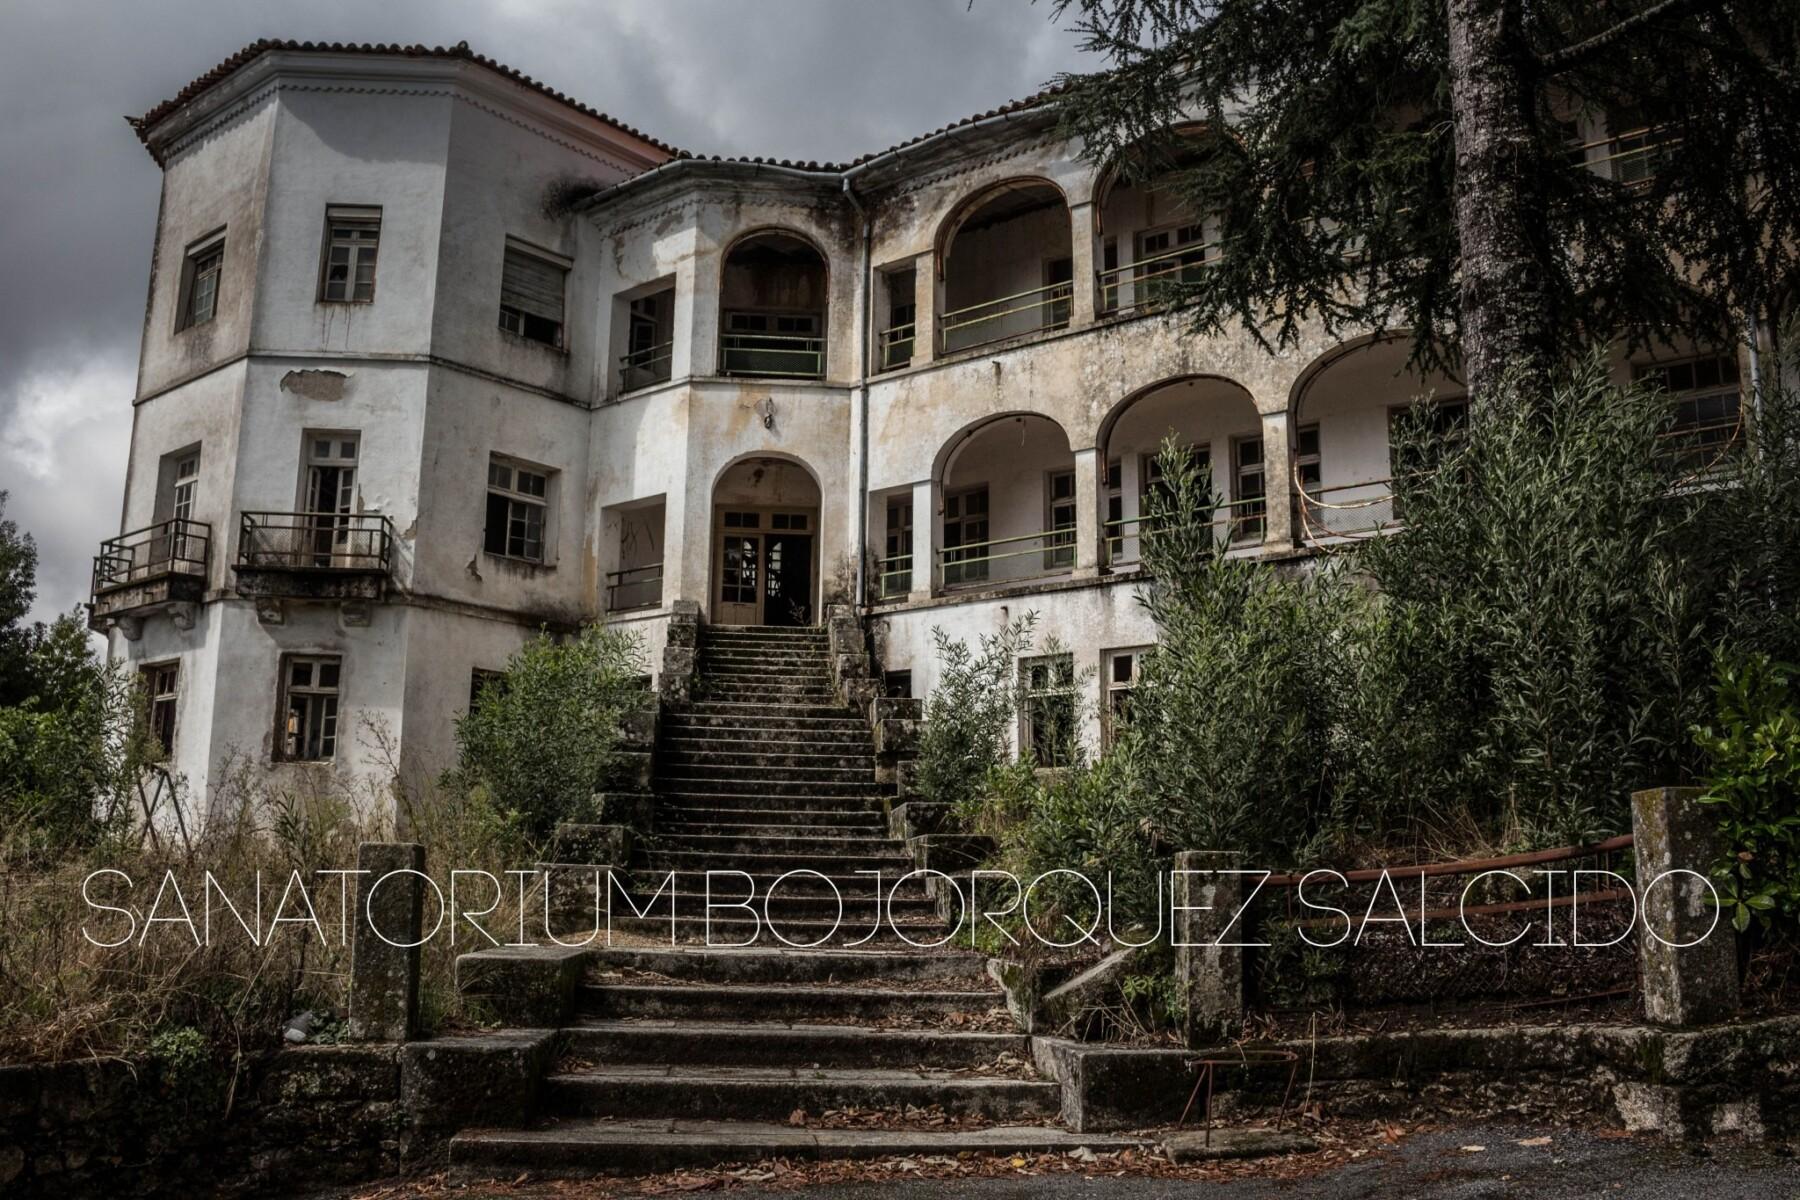 sanatorium-bojorquez-salcido-0